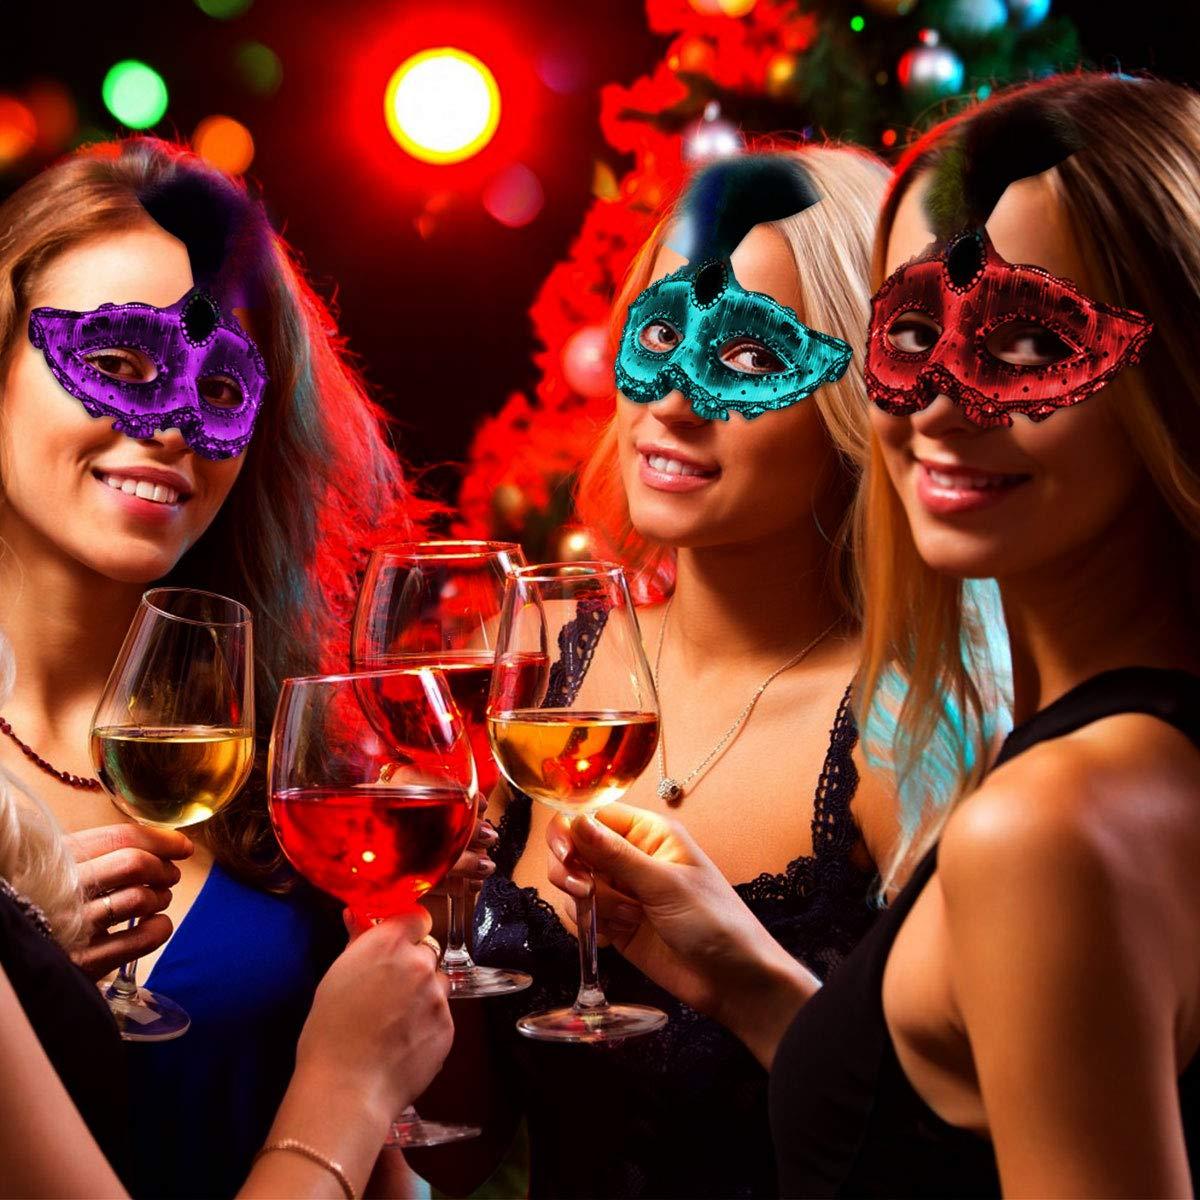 7 Couleurs Brillantes Luminous Cravate Lumineuse avec USB Rechargeable /& Sac Cadeau Coffre-Fort DJ Bee Rave Cravate pour Hommes Femmes No/ël Halloween Party UMIWE LED Cravate